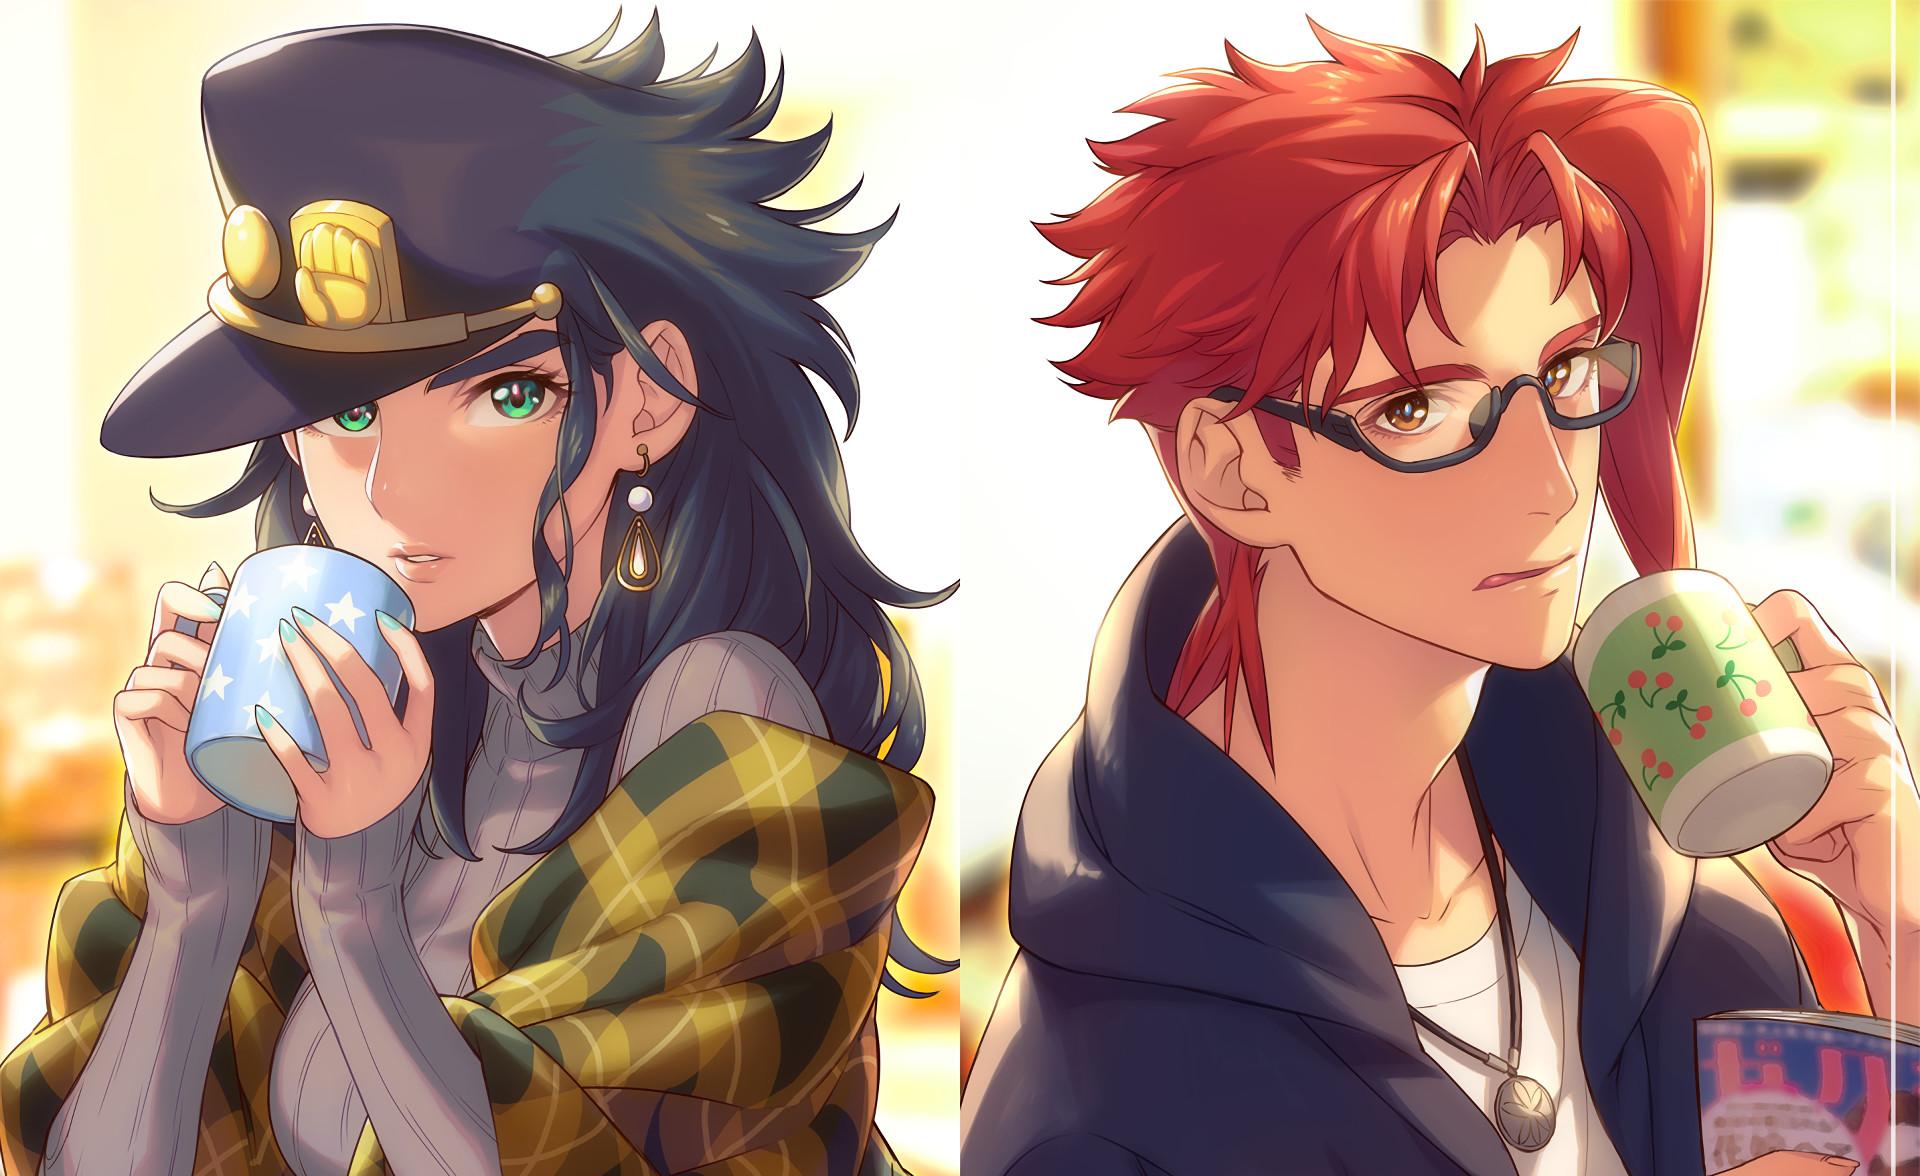 Anime – Jojo's Bizarre Adventure Noriaki Kakyoin Jotaro Kujo Wallpaper